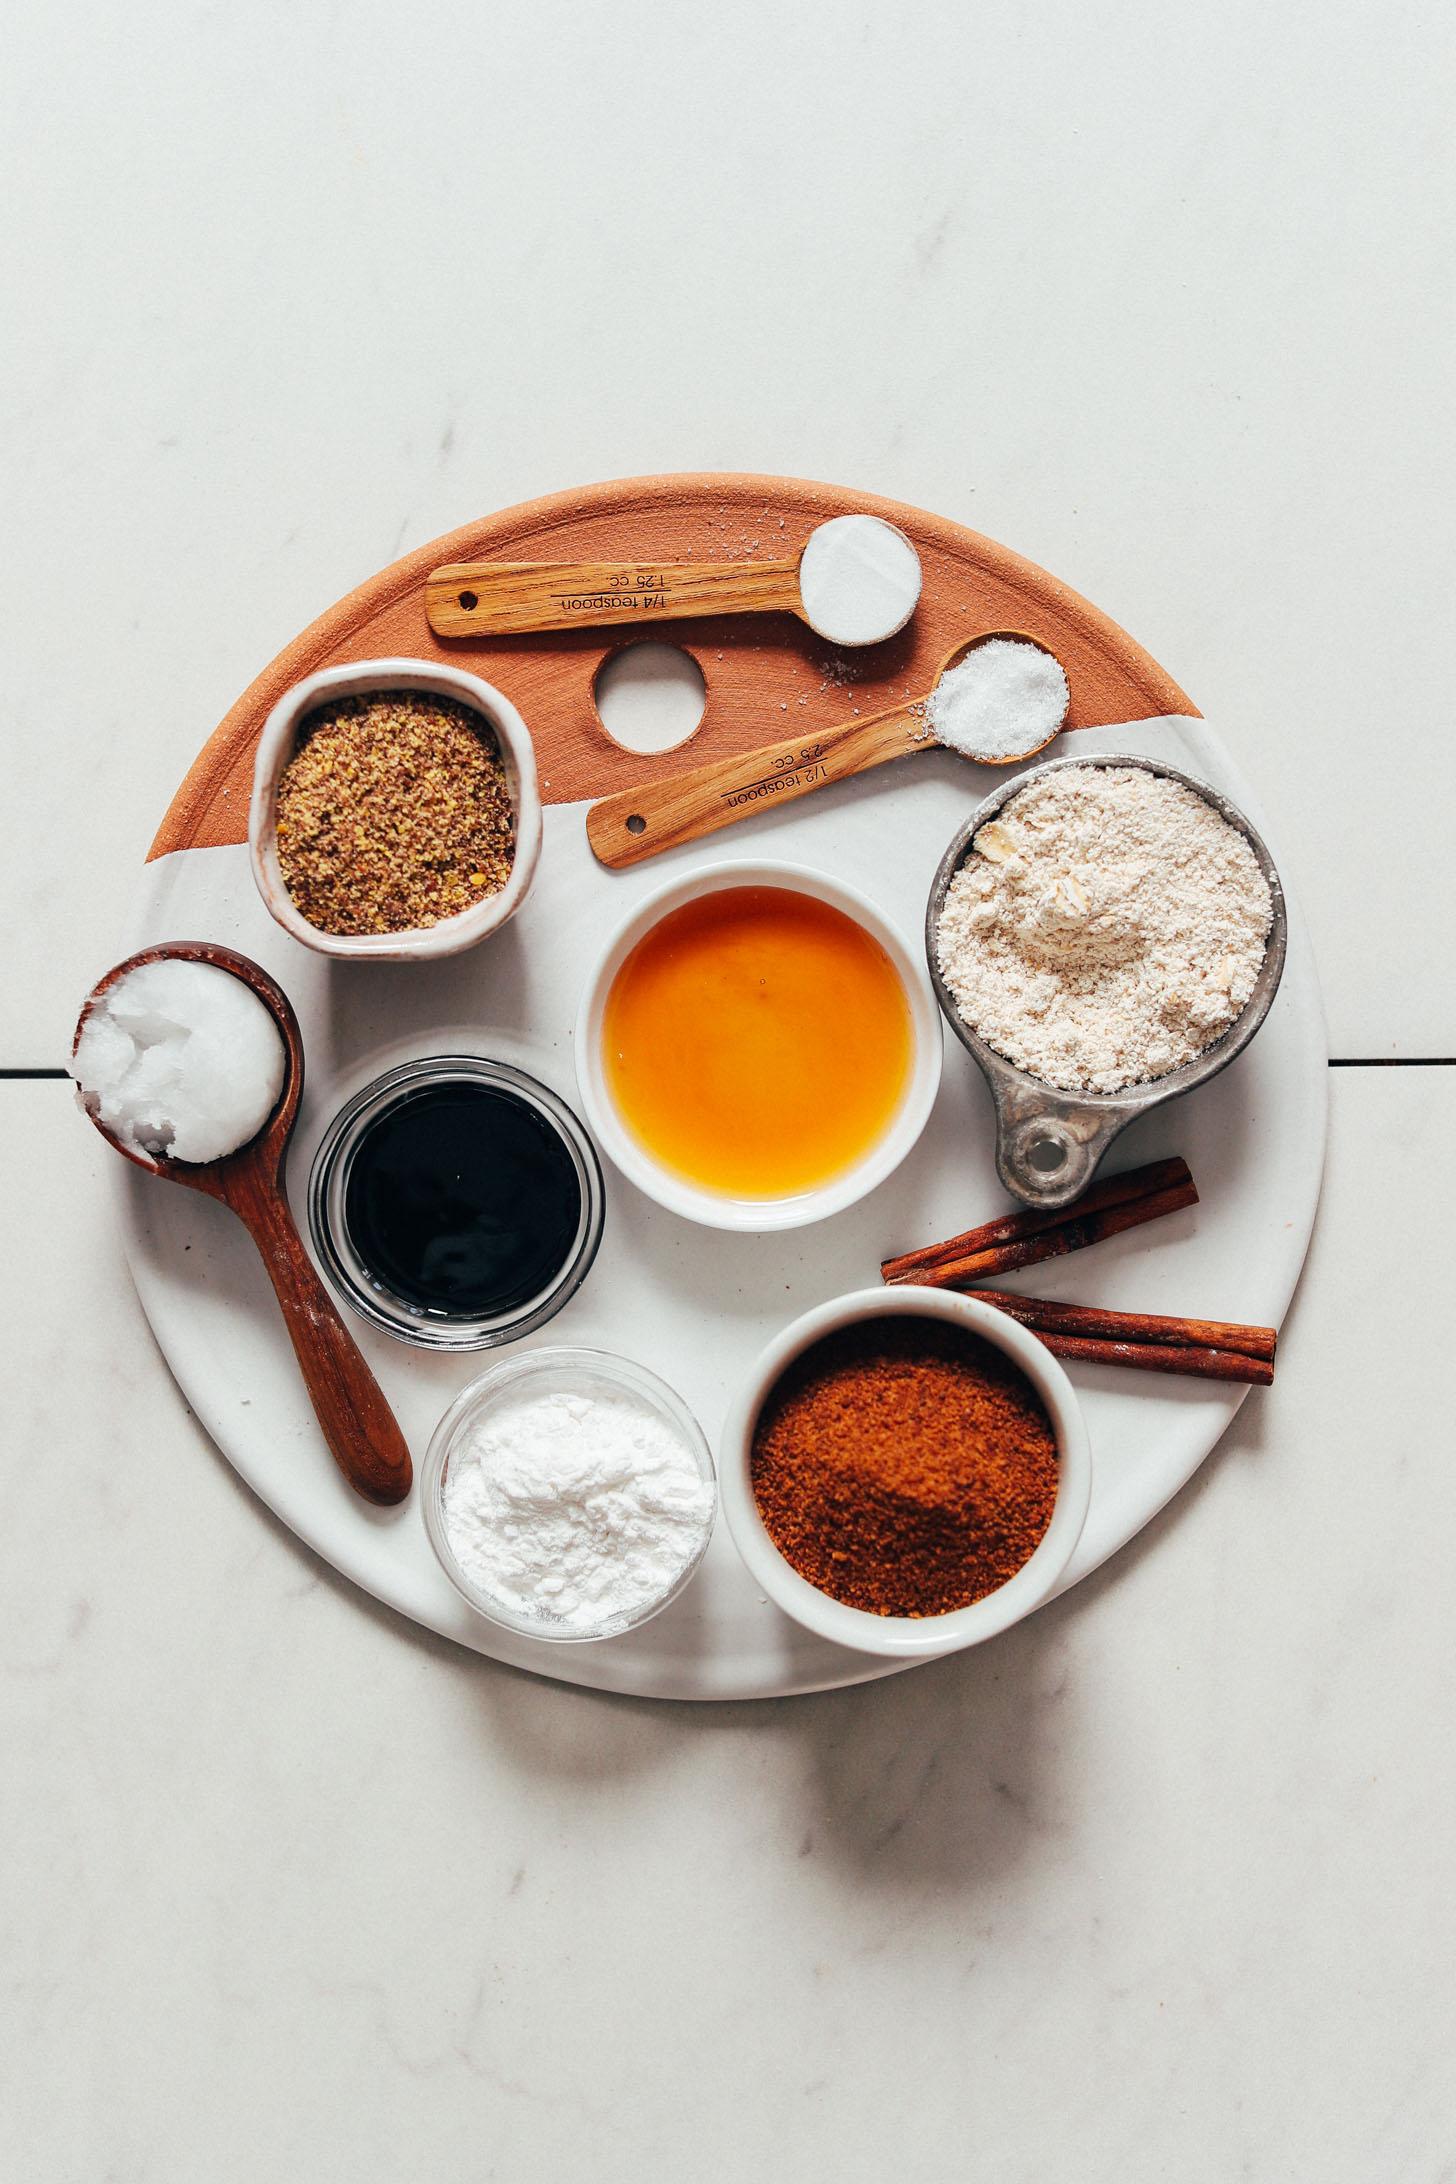 Plateau avec sucre de coco, bicarbonate de soude, sel de mer, cannelle, sirop d'érable, mélasse, huile de coco, farine d'avoine, amidon d'arrow-root et lin moulu